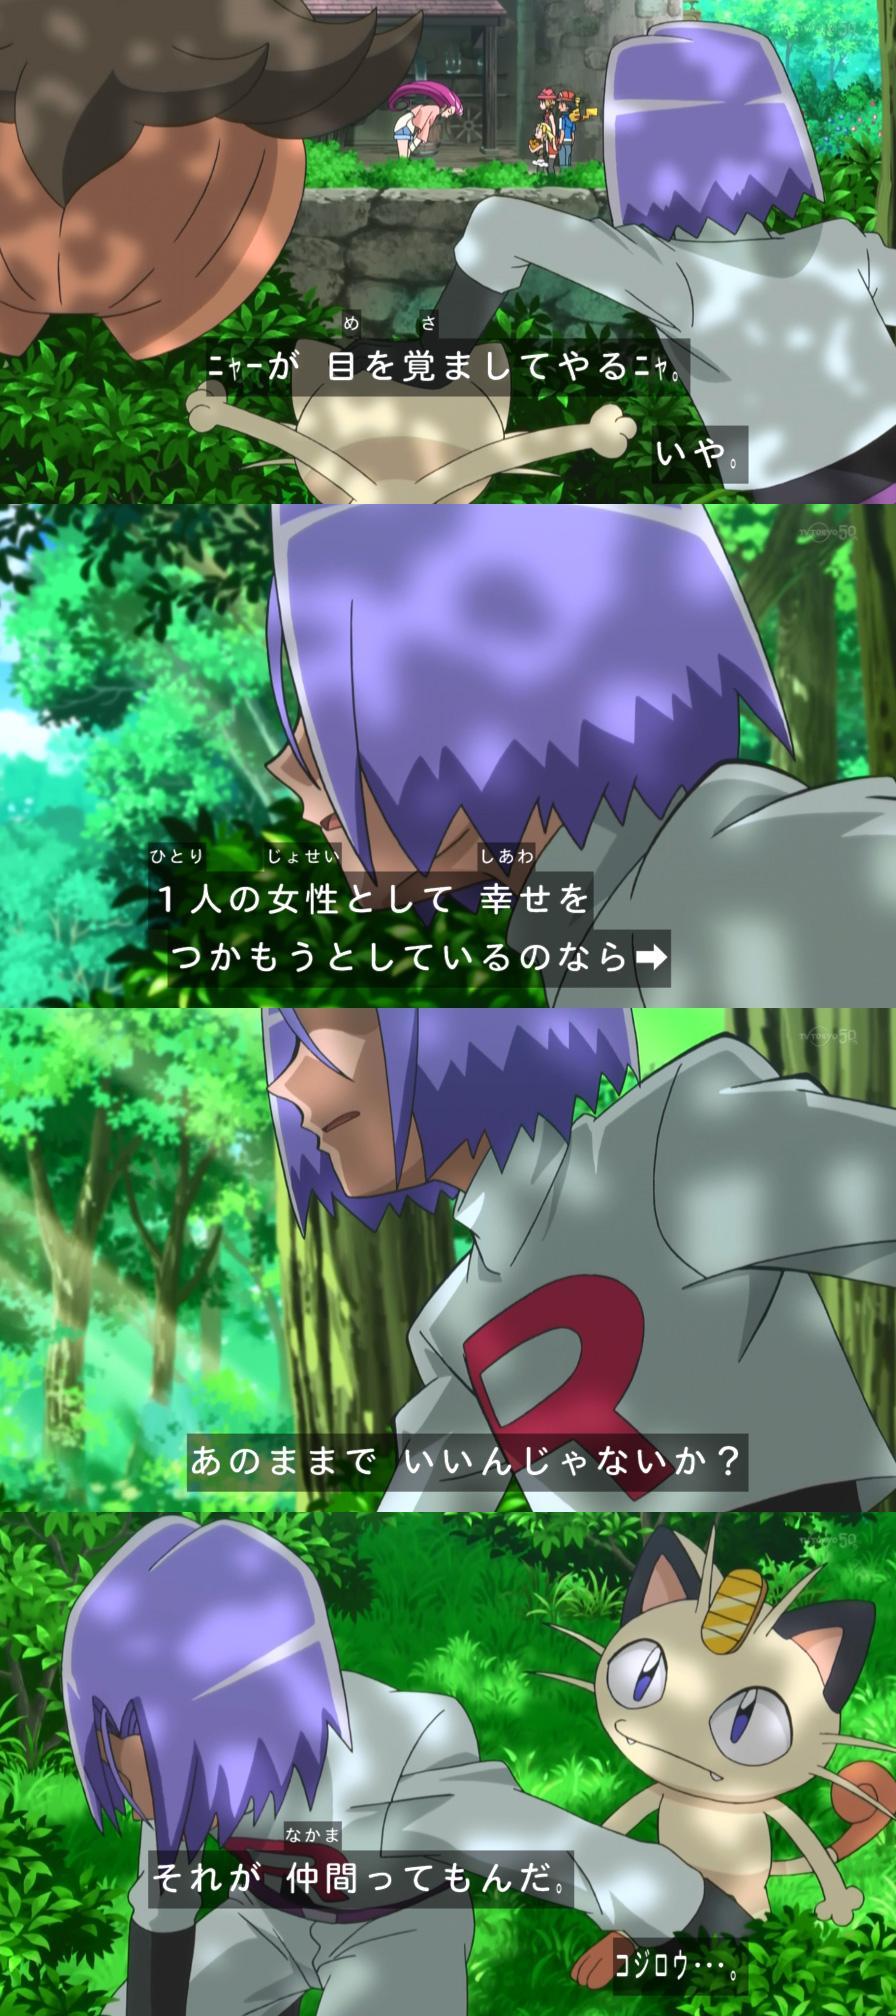 コジロウ (アニメポケットモンスター)の画像 p1_20